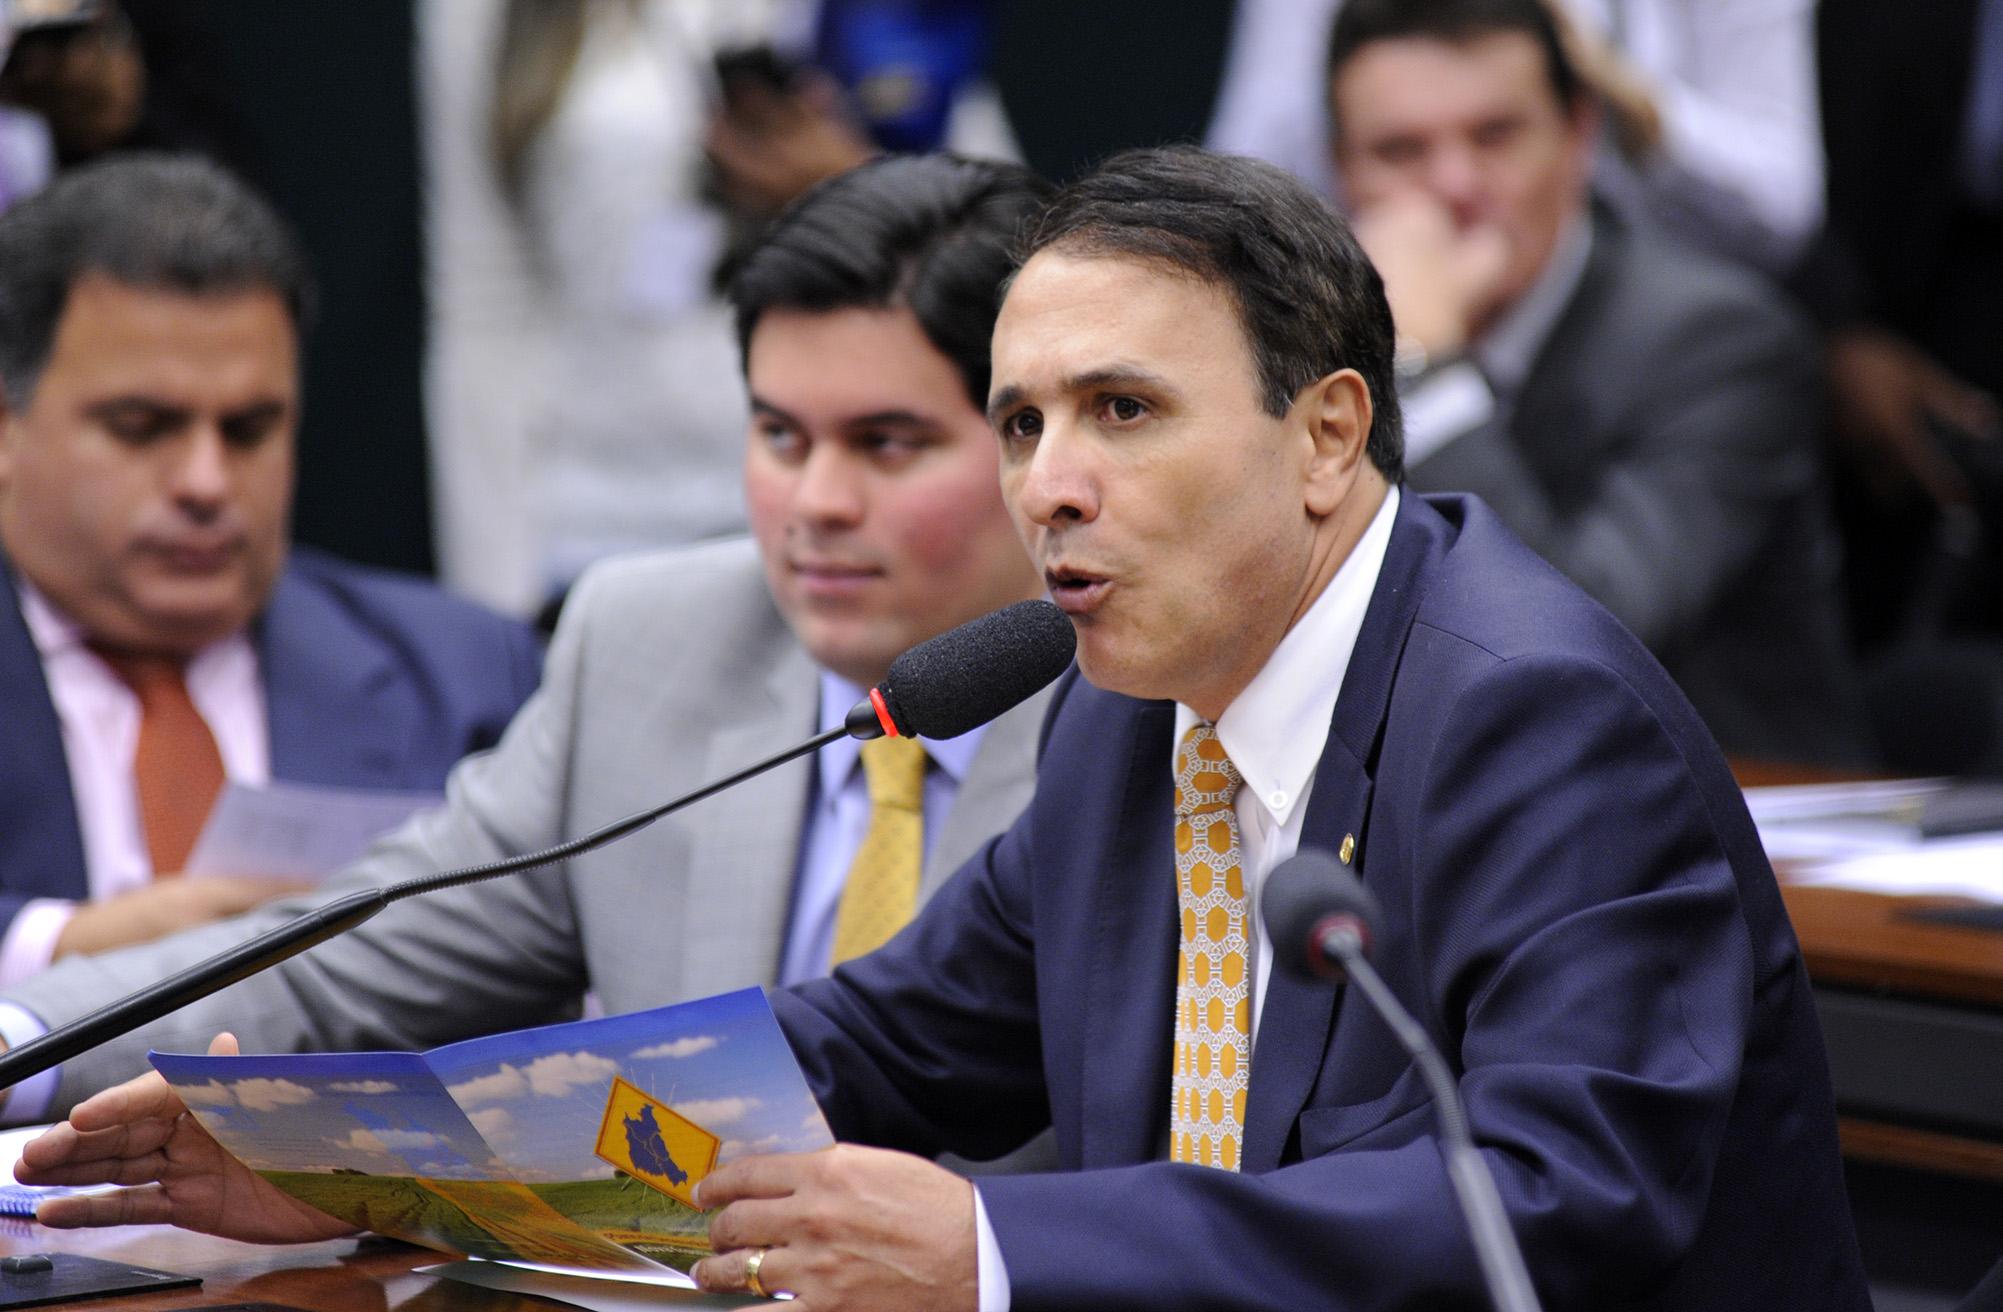 Audiência pública sobre a implementação de políticas para o desenvolvimento econômico da Região do MATOPIBA. Dep. Carlos Henrique Gaguim (PMDB-TO)